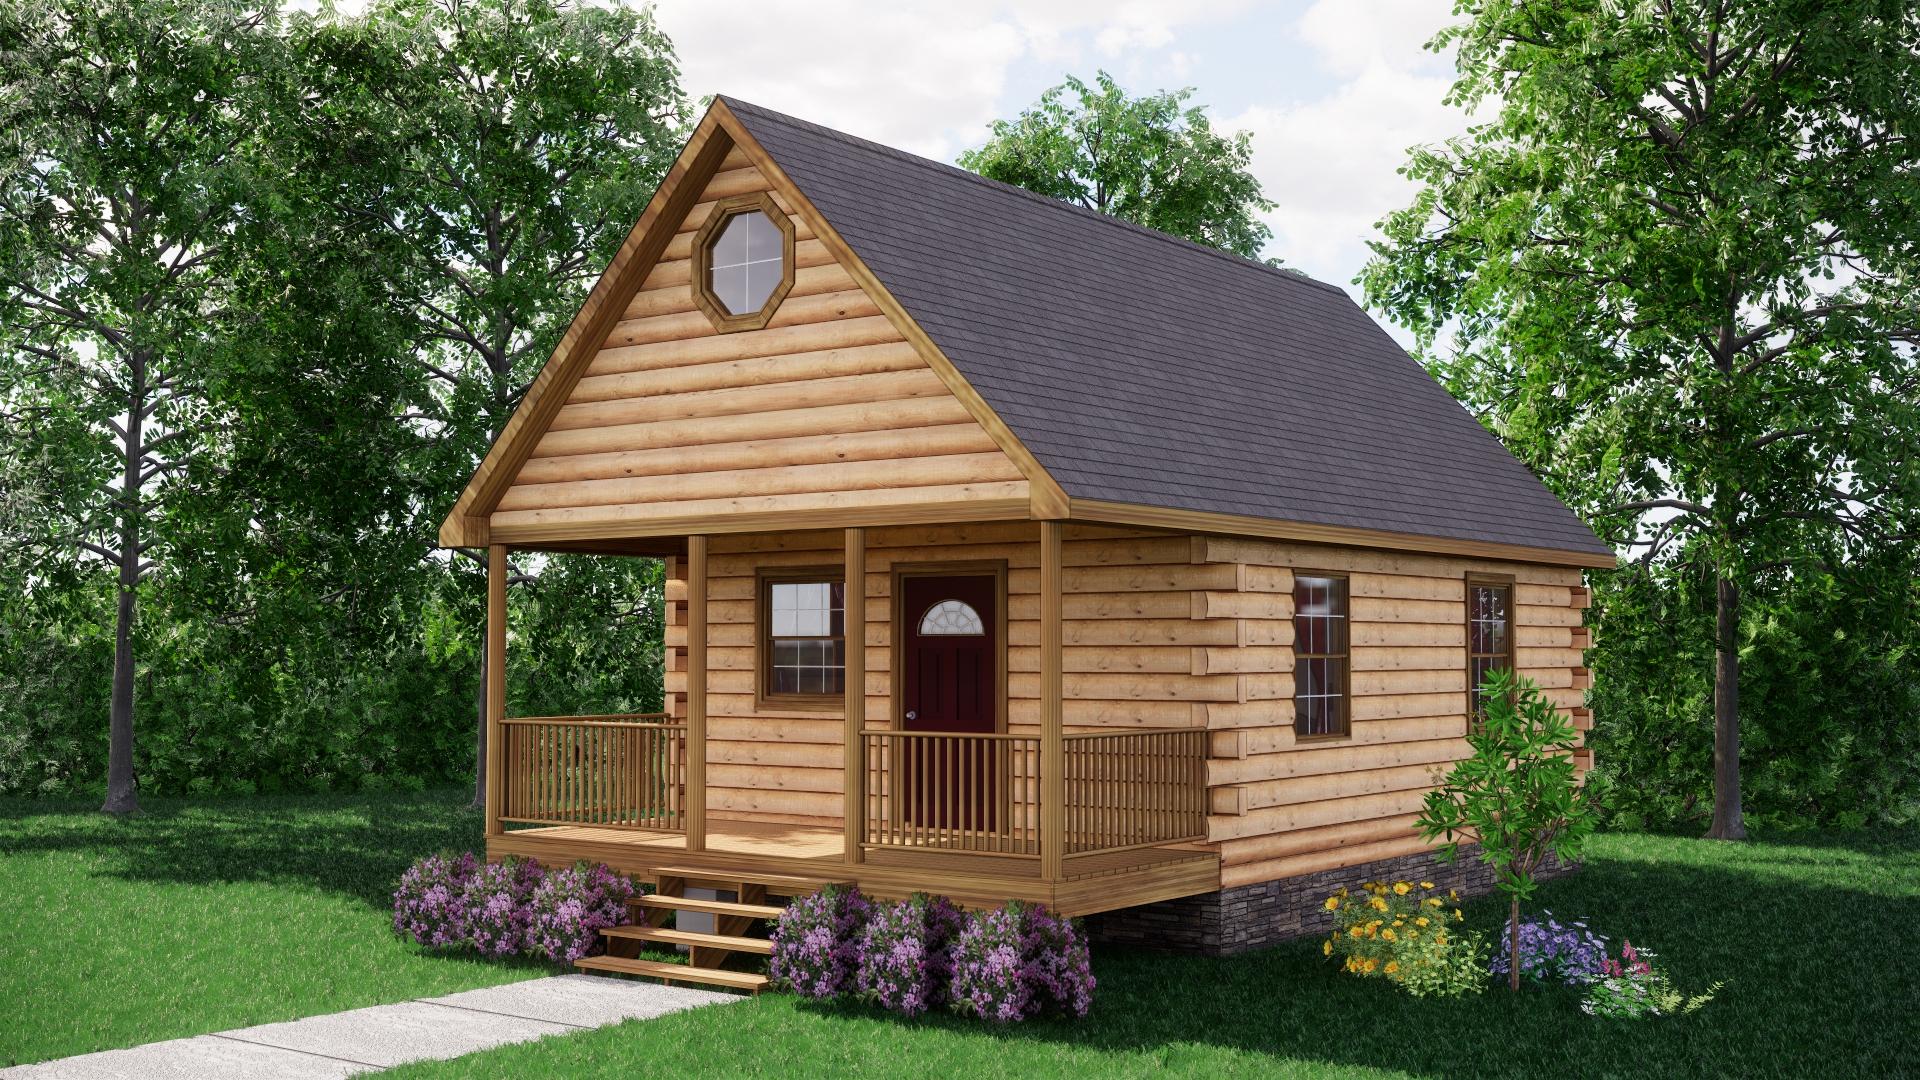 Small Log Cabins - Small Log Cabin Kits 4